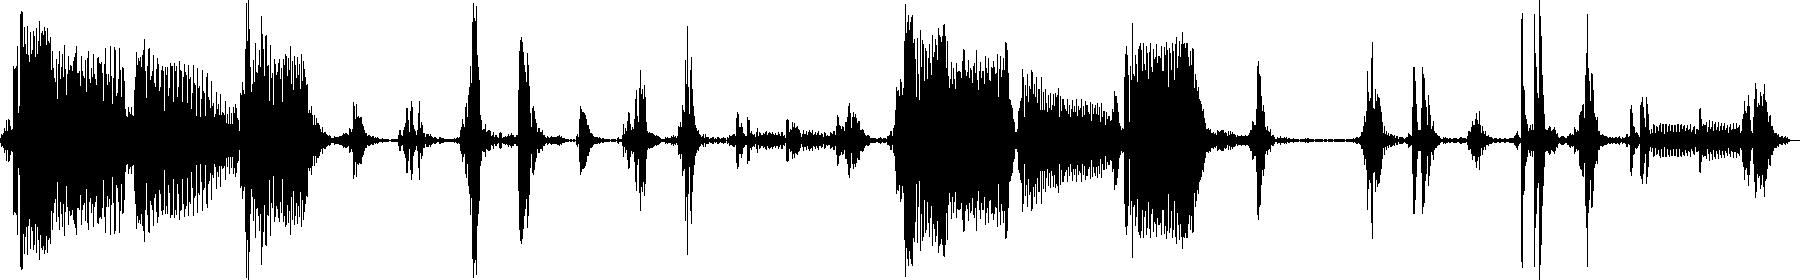 guitarfunk04 120